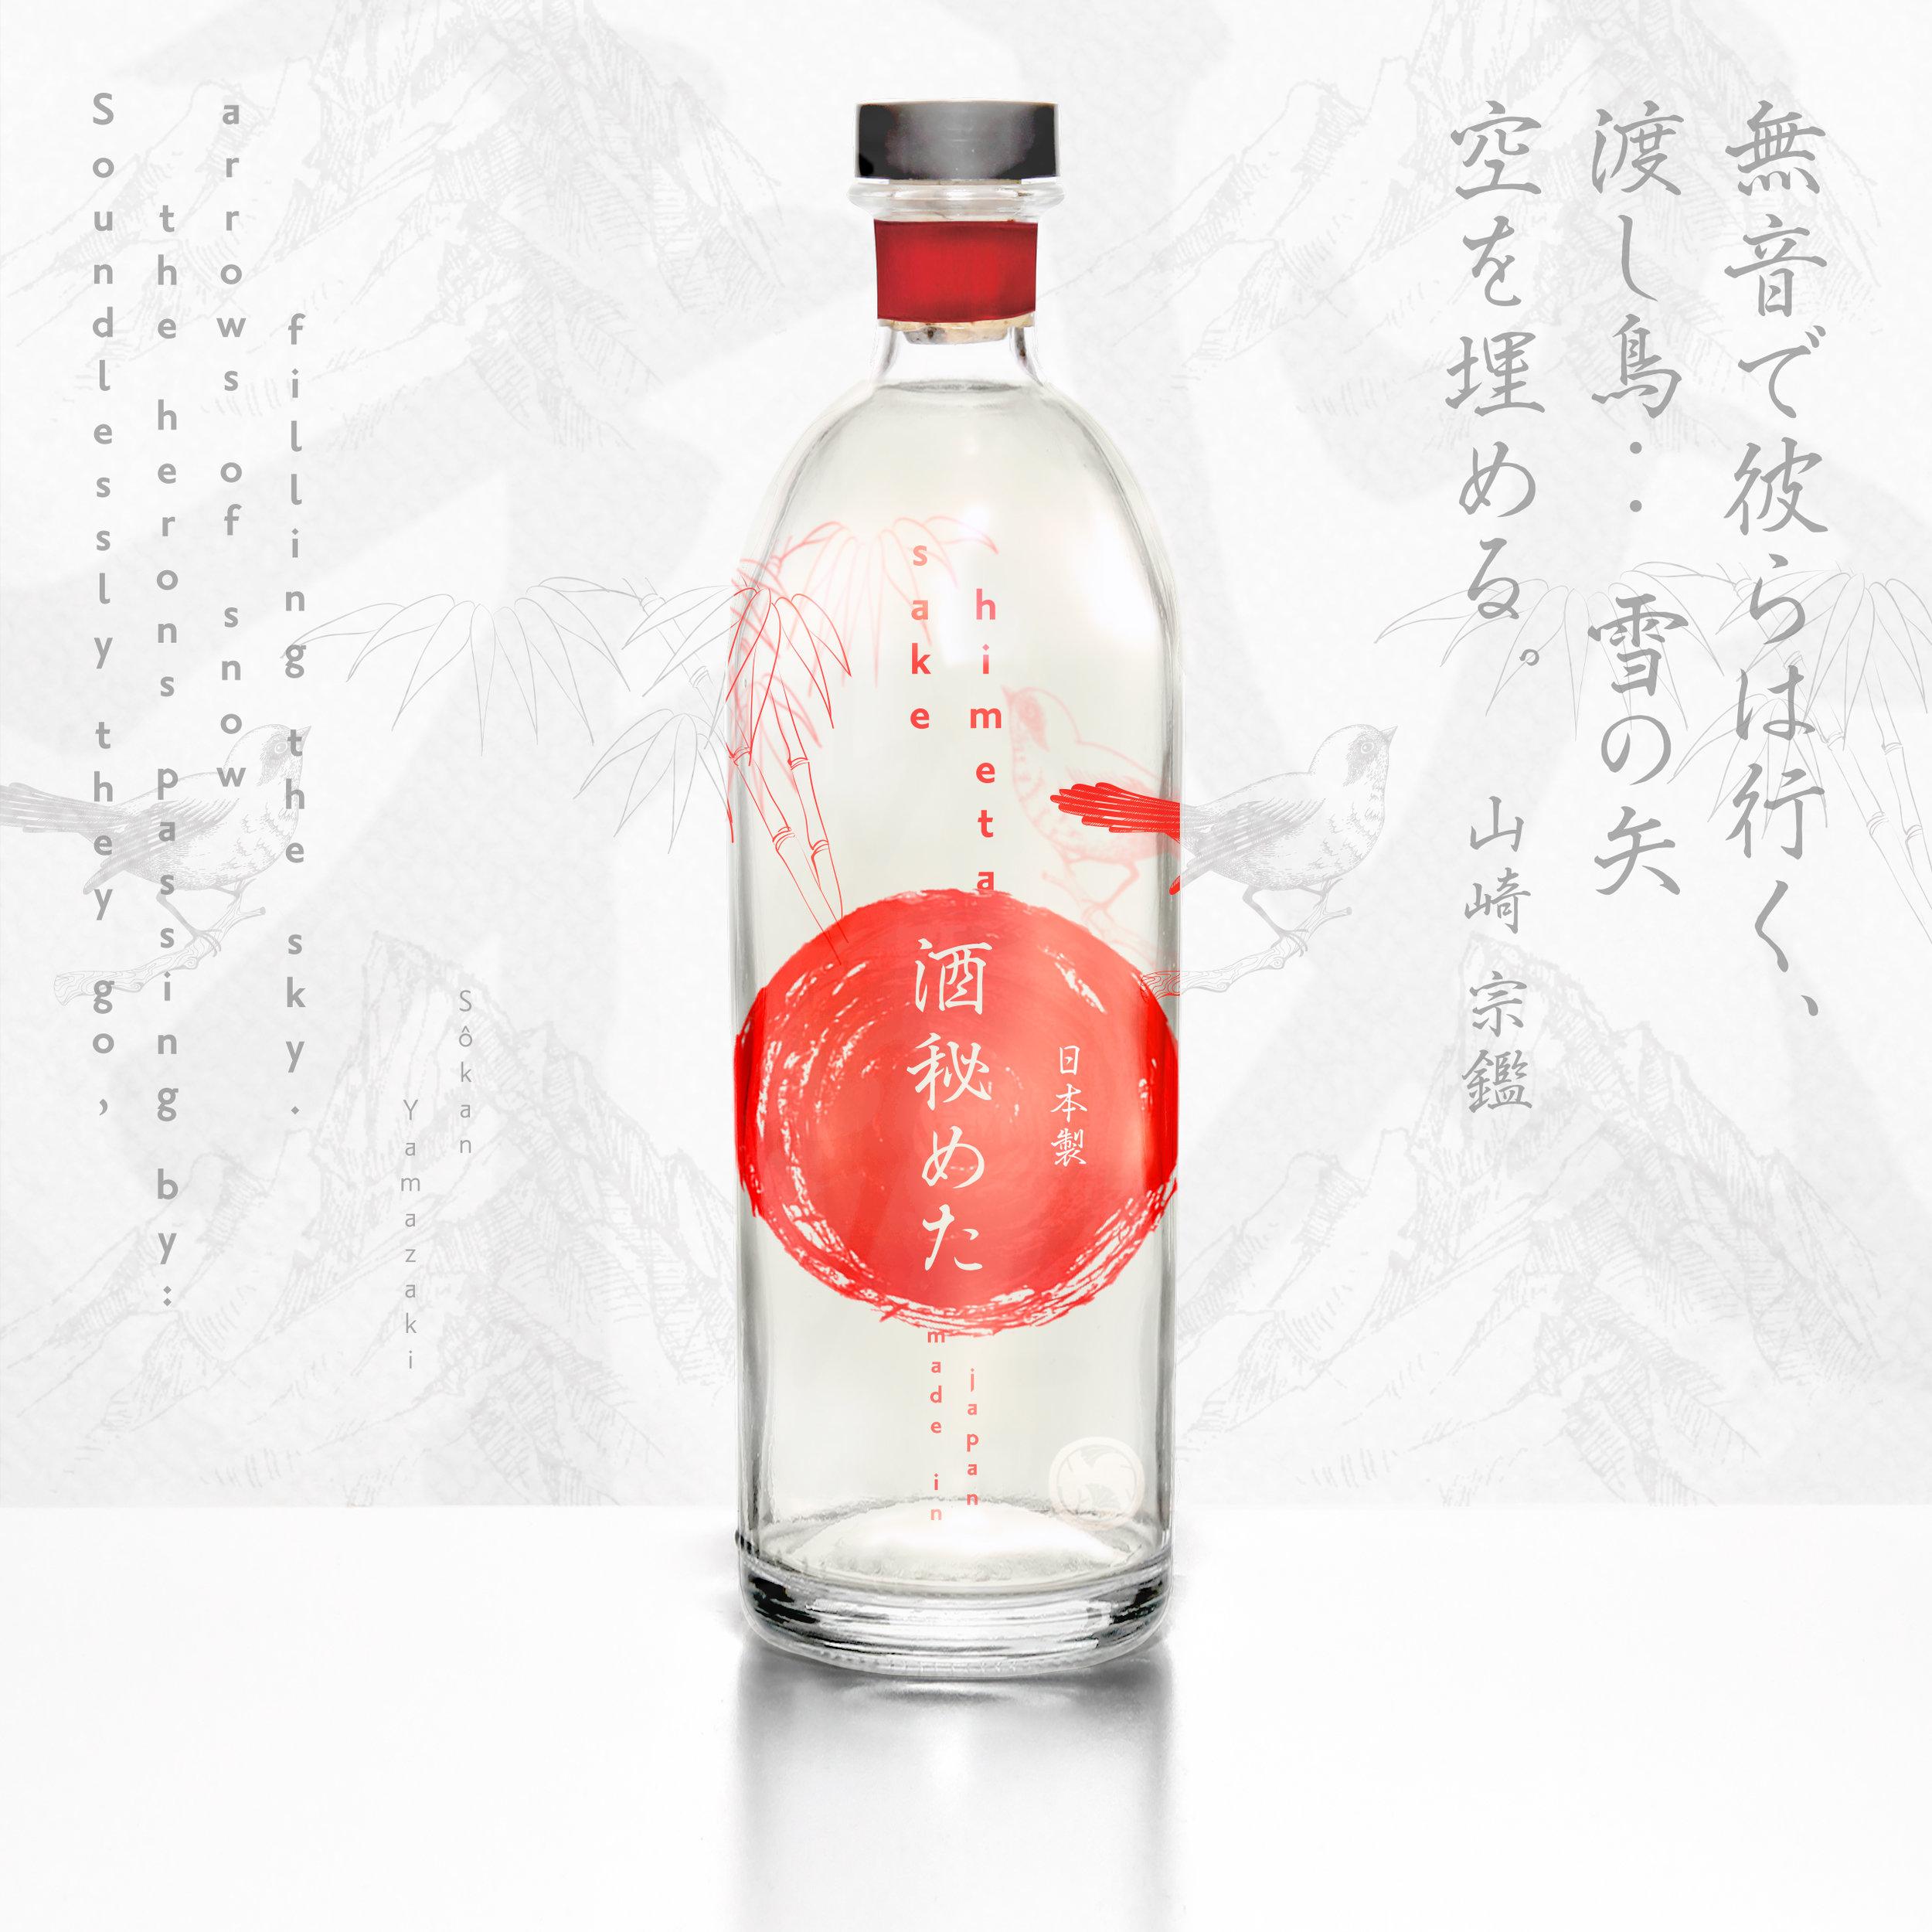 sake_himeta_bottle.jpg